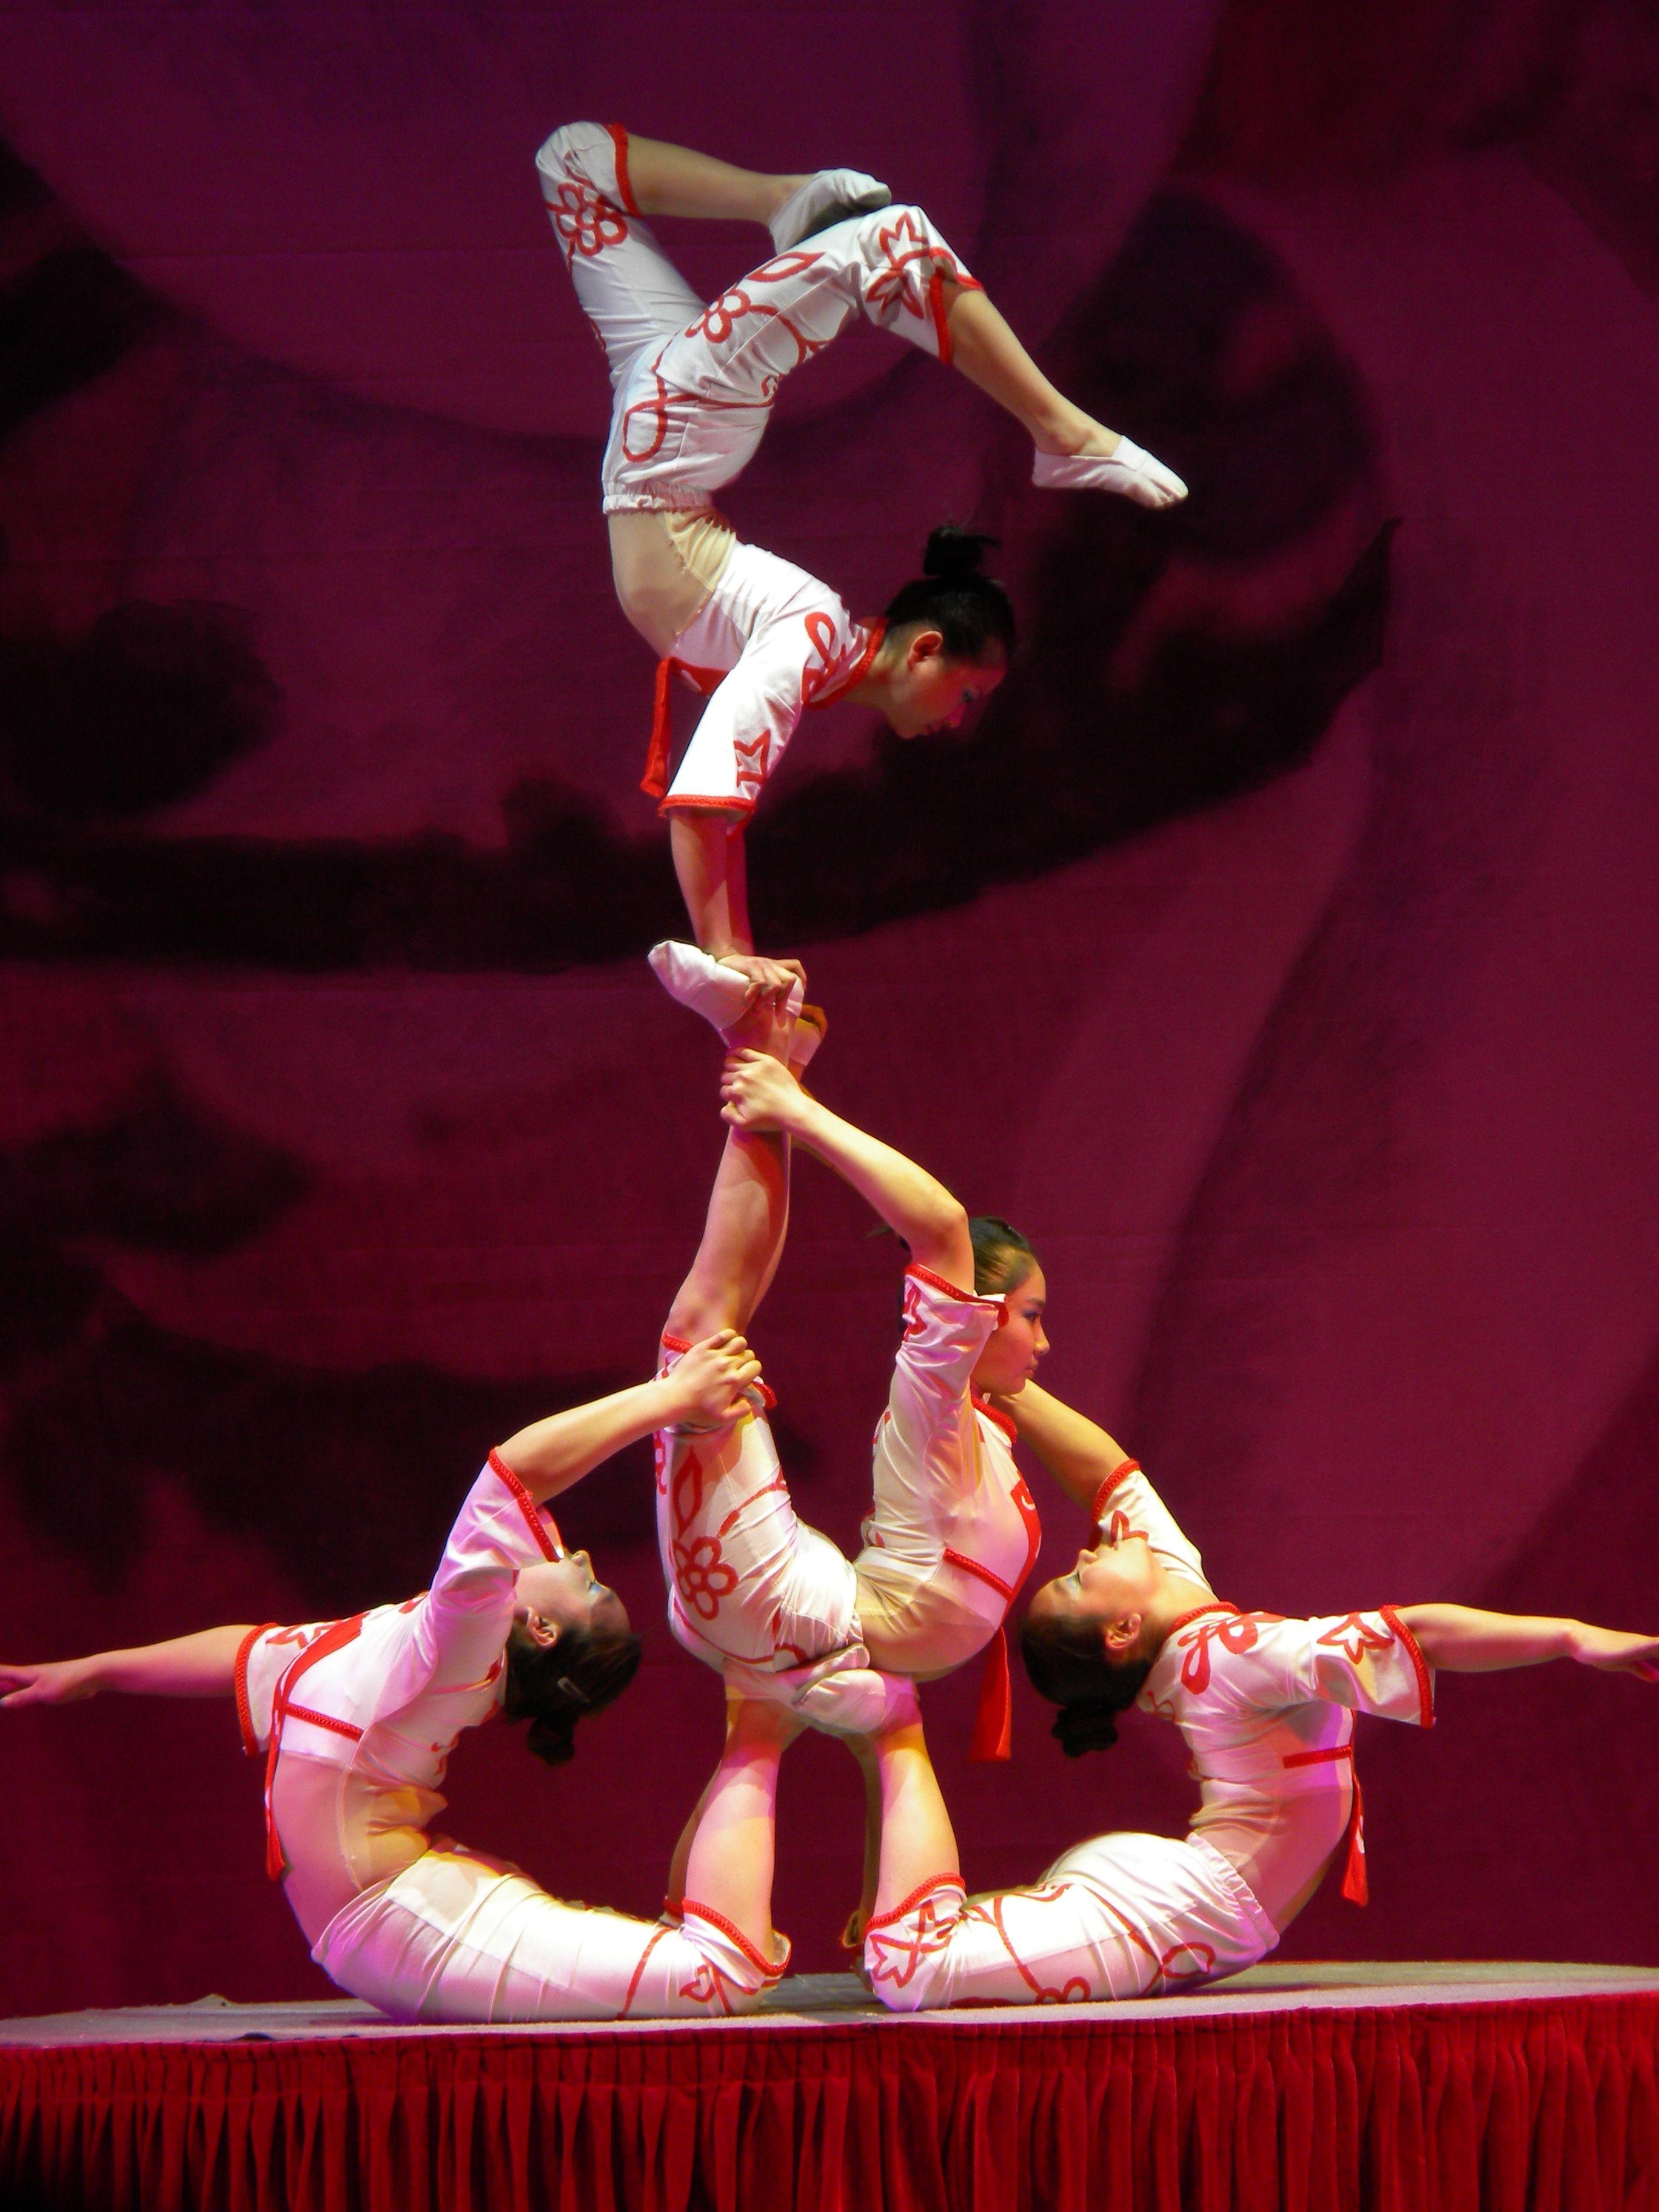 детям цирковые акробатические пары фото скачайте